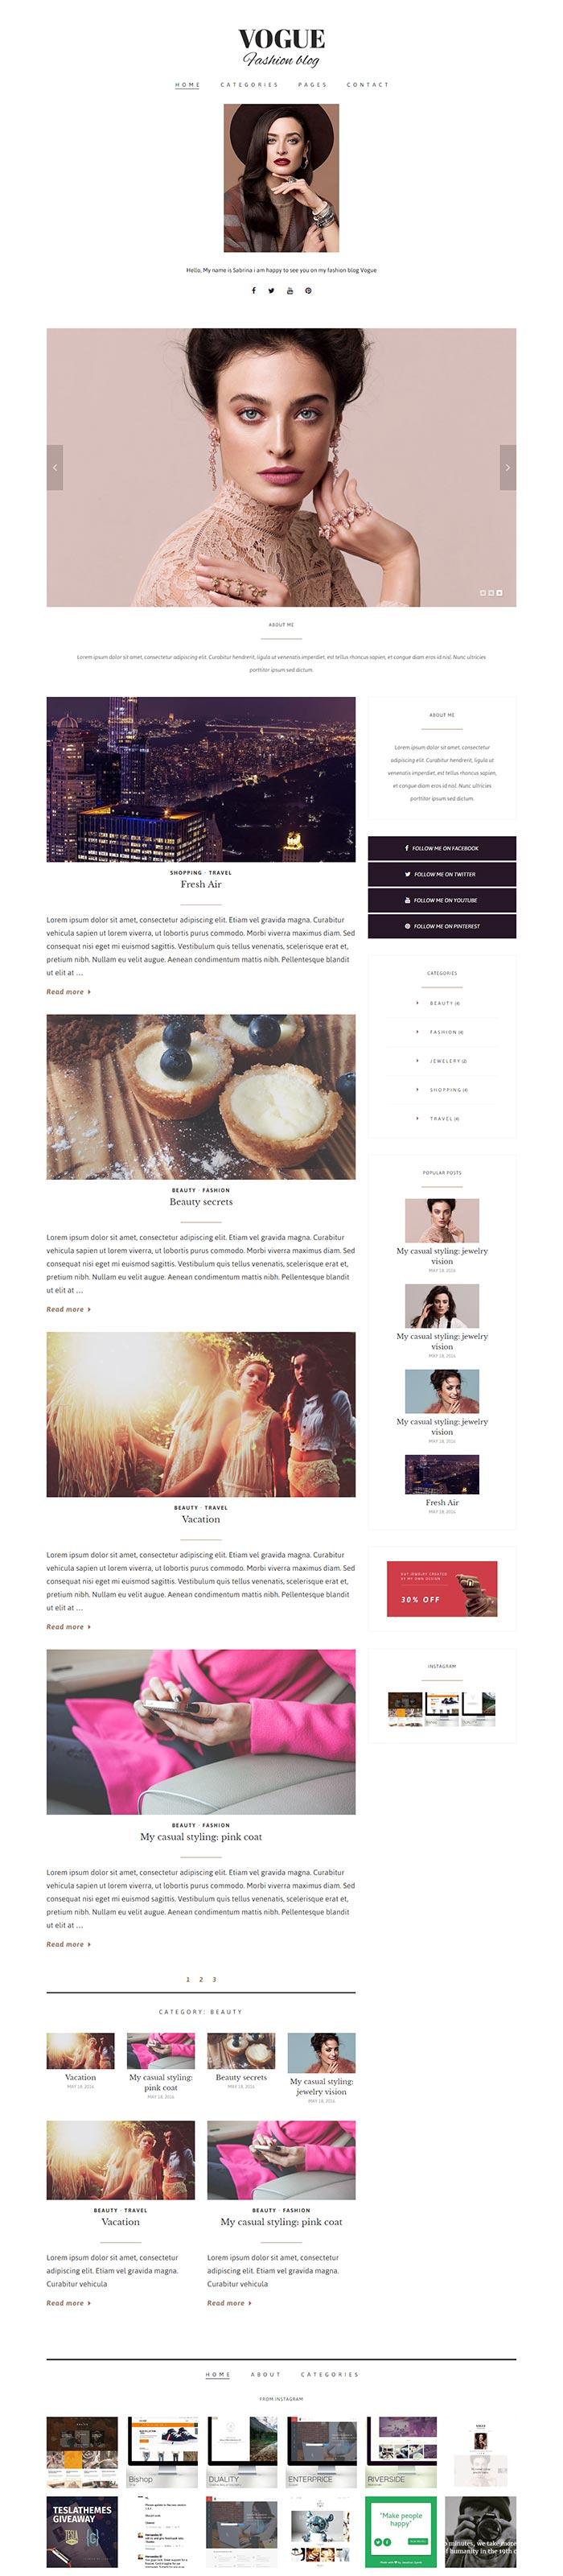 Vogue WordPress Theme TeslaThemes